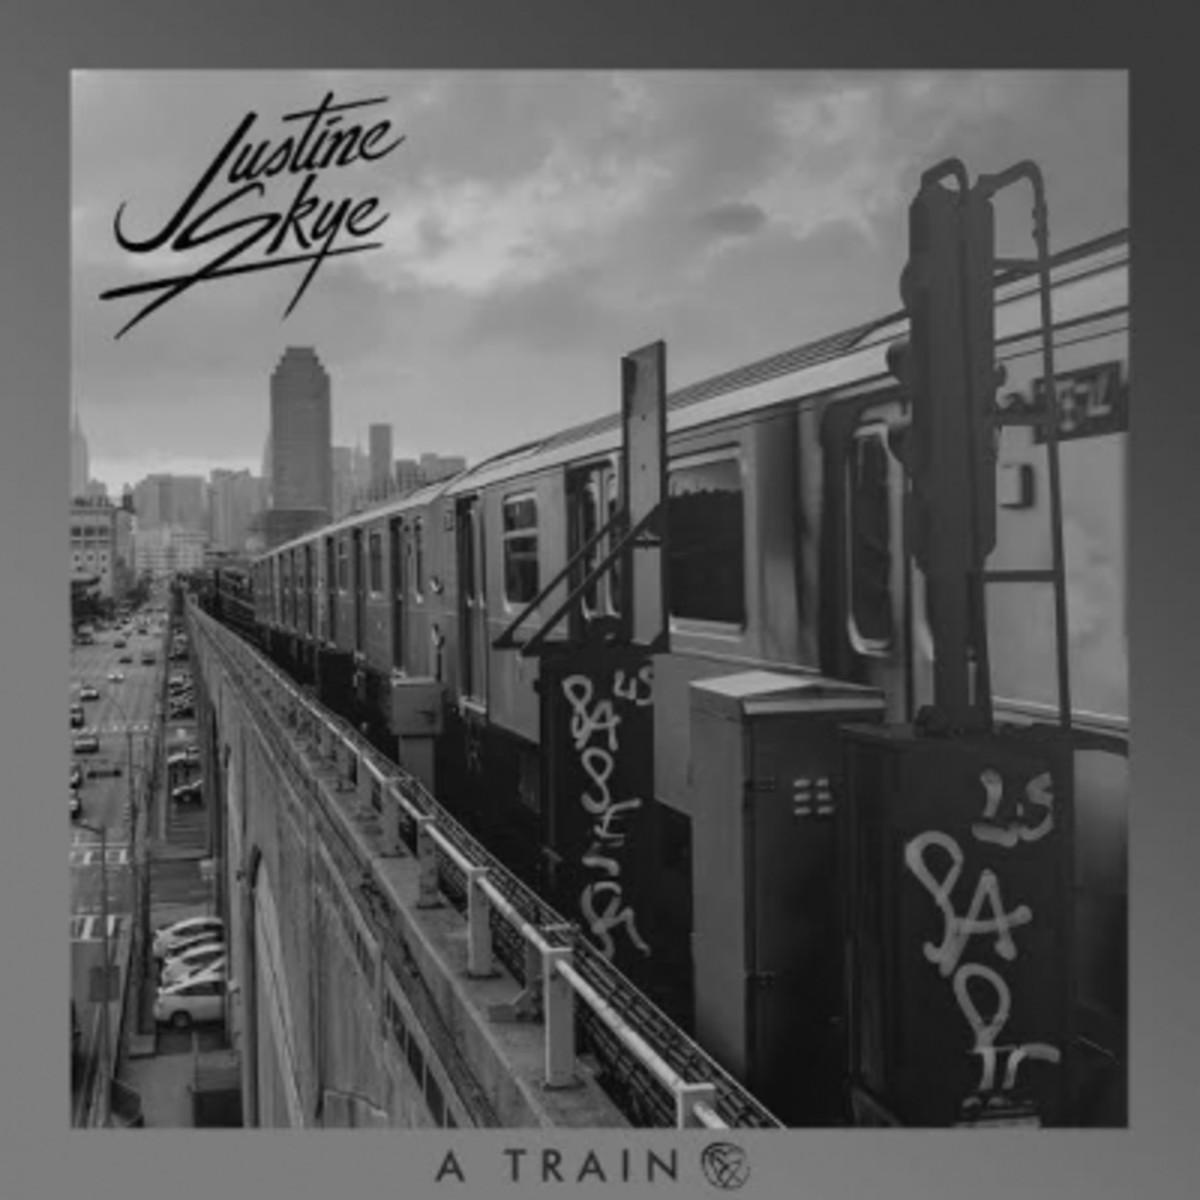 justine-skye-a-train.jpg